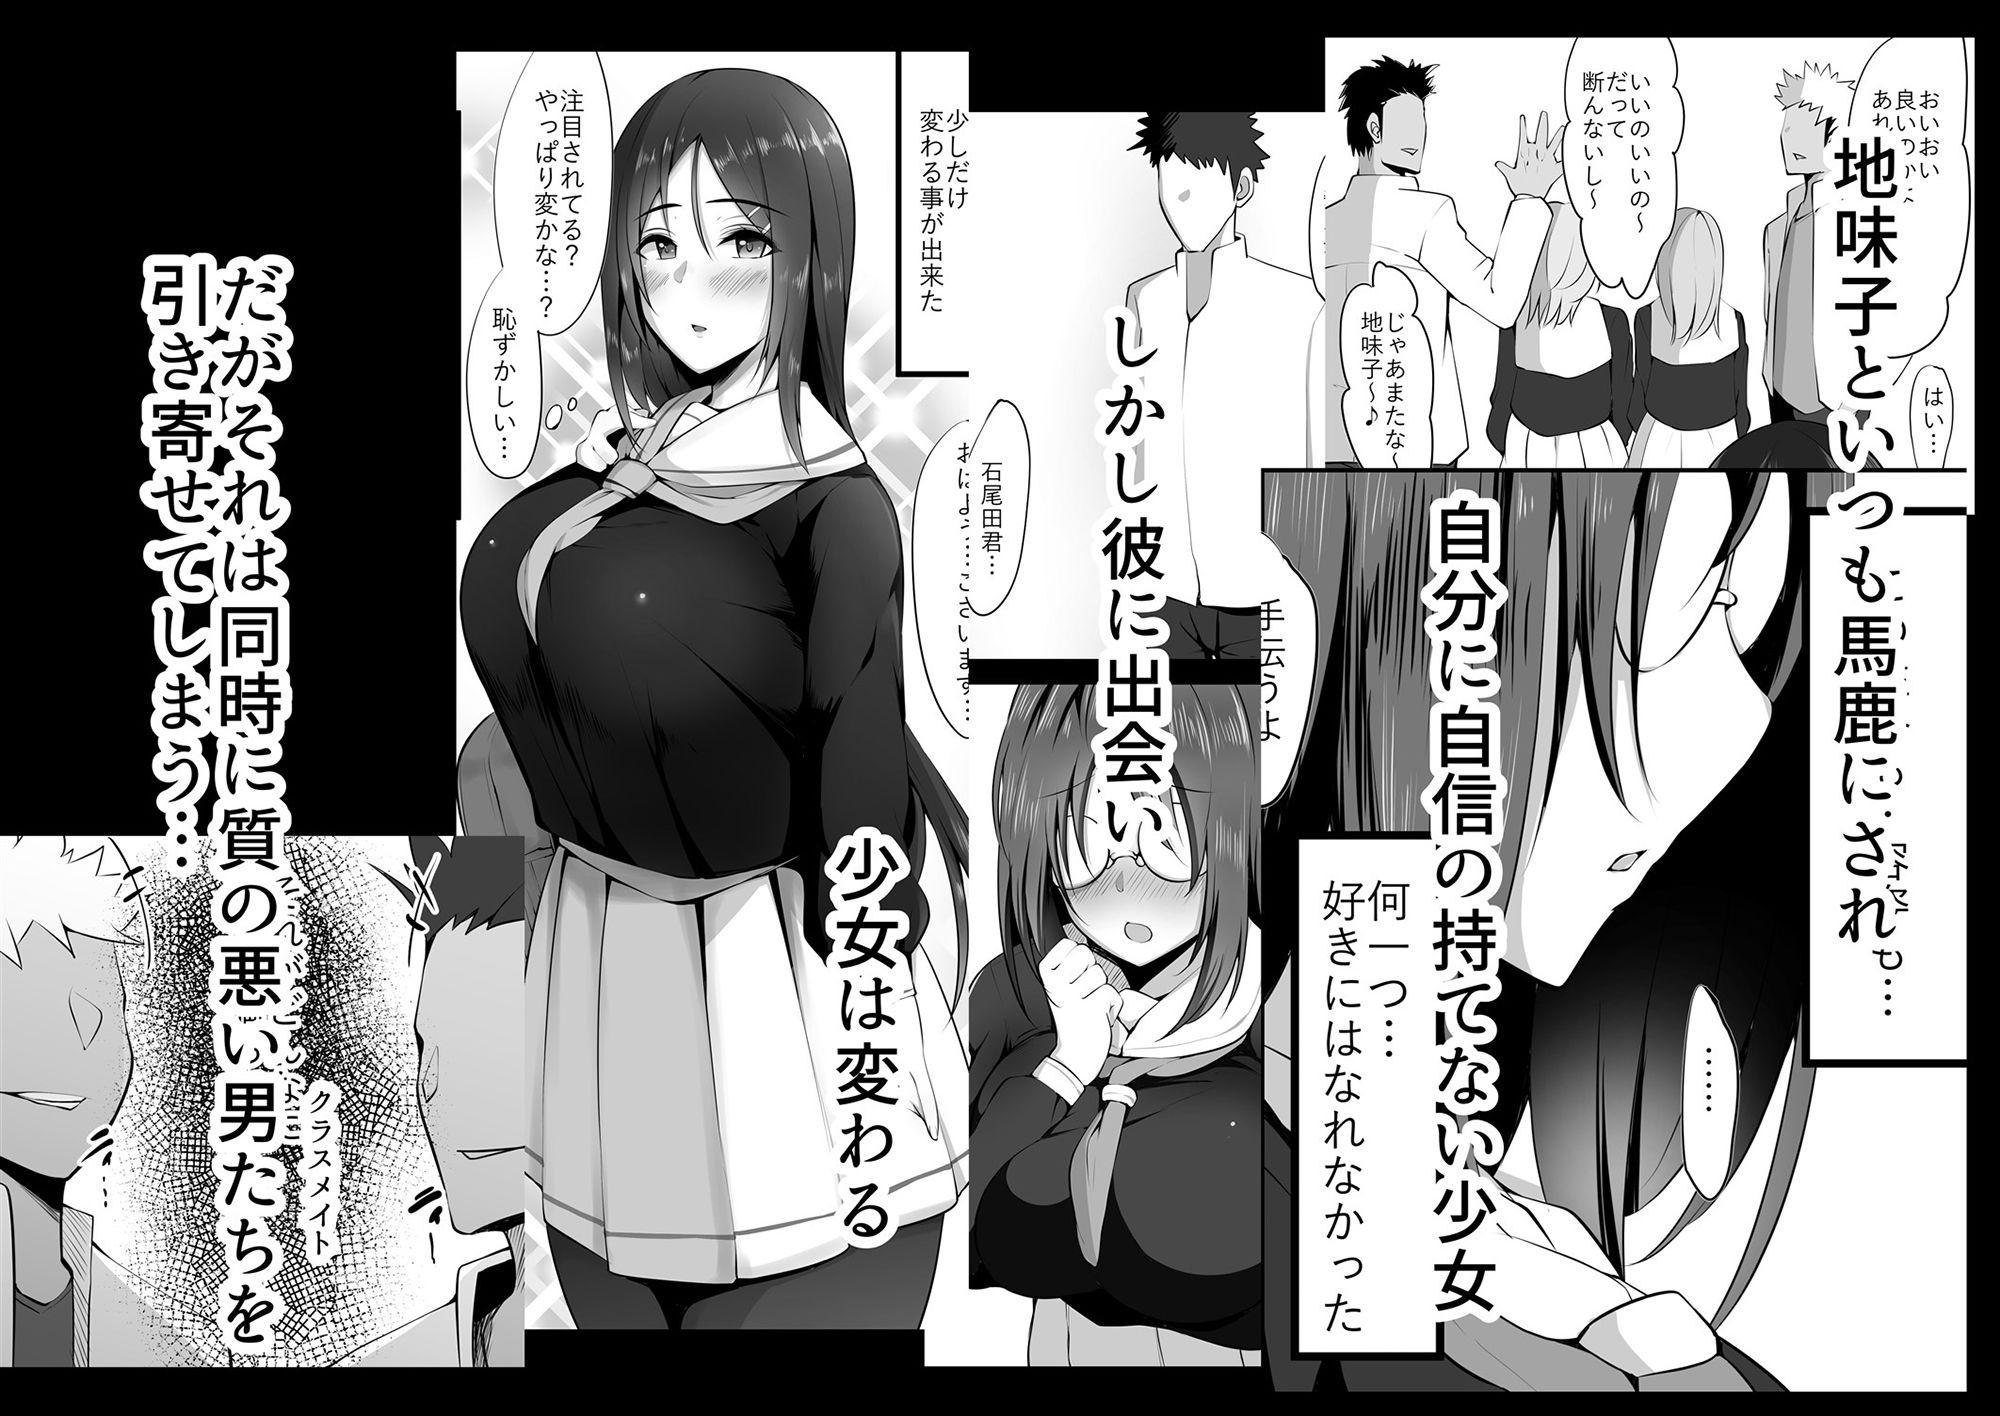 [猫八営業部 猫サム雷] 眼鏡の奥の君~カノとられ~ サンプル画像 02